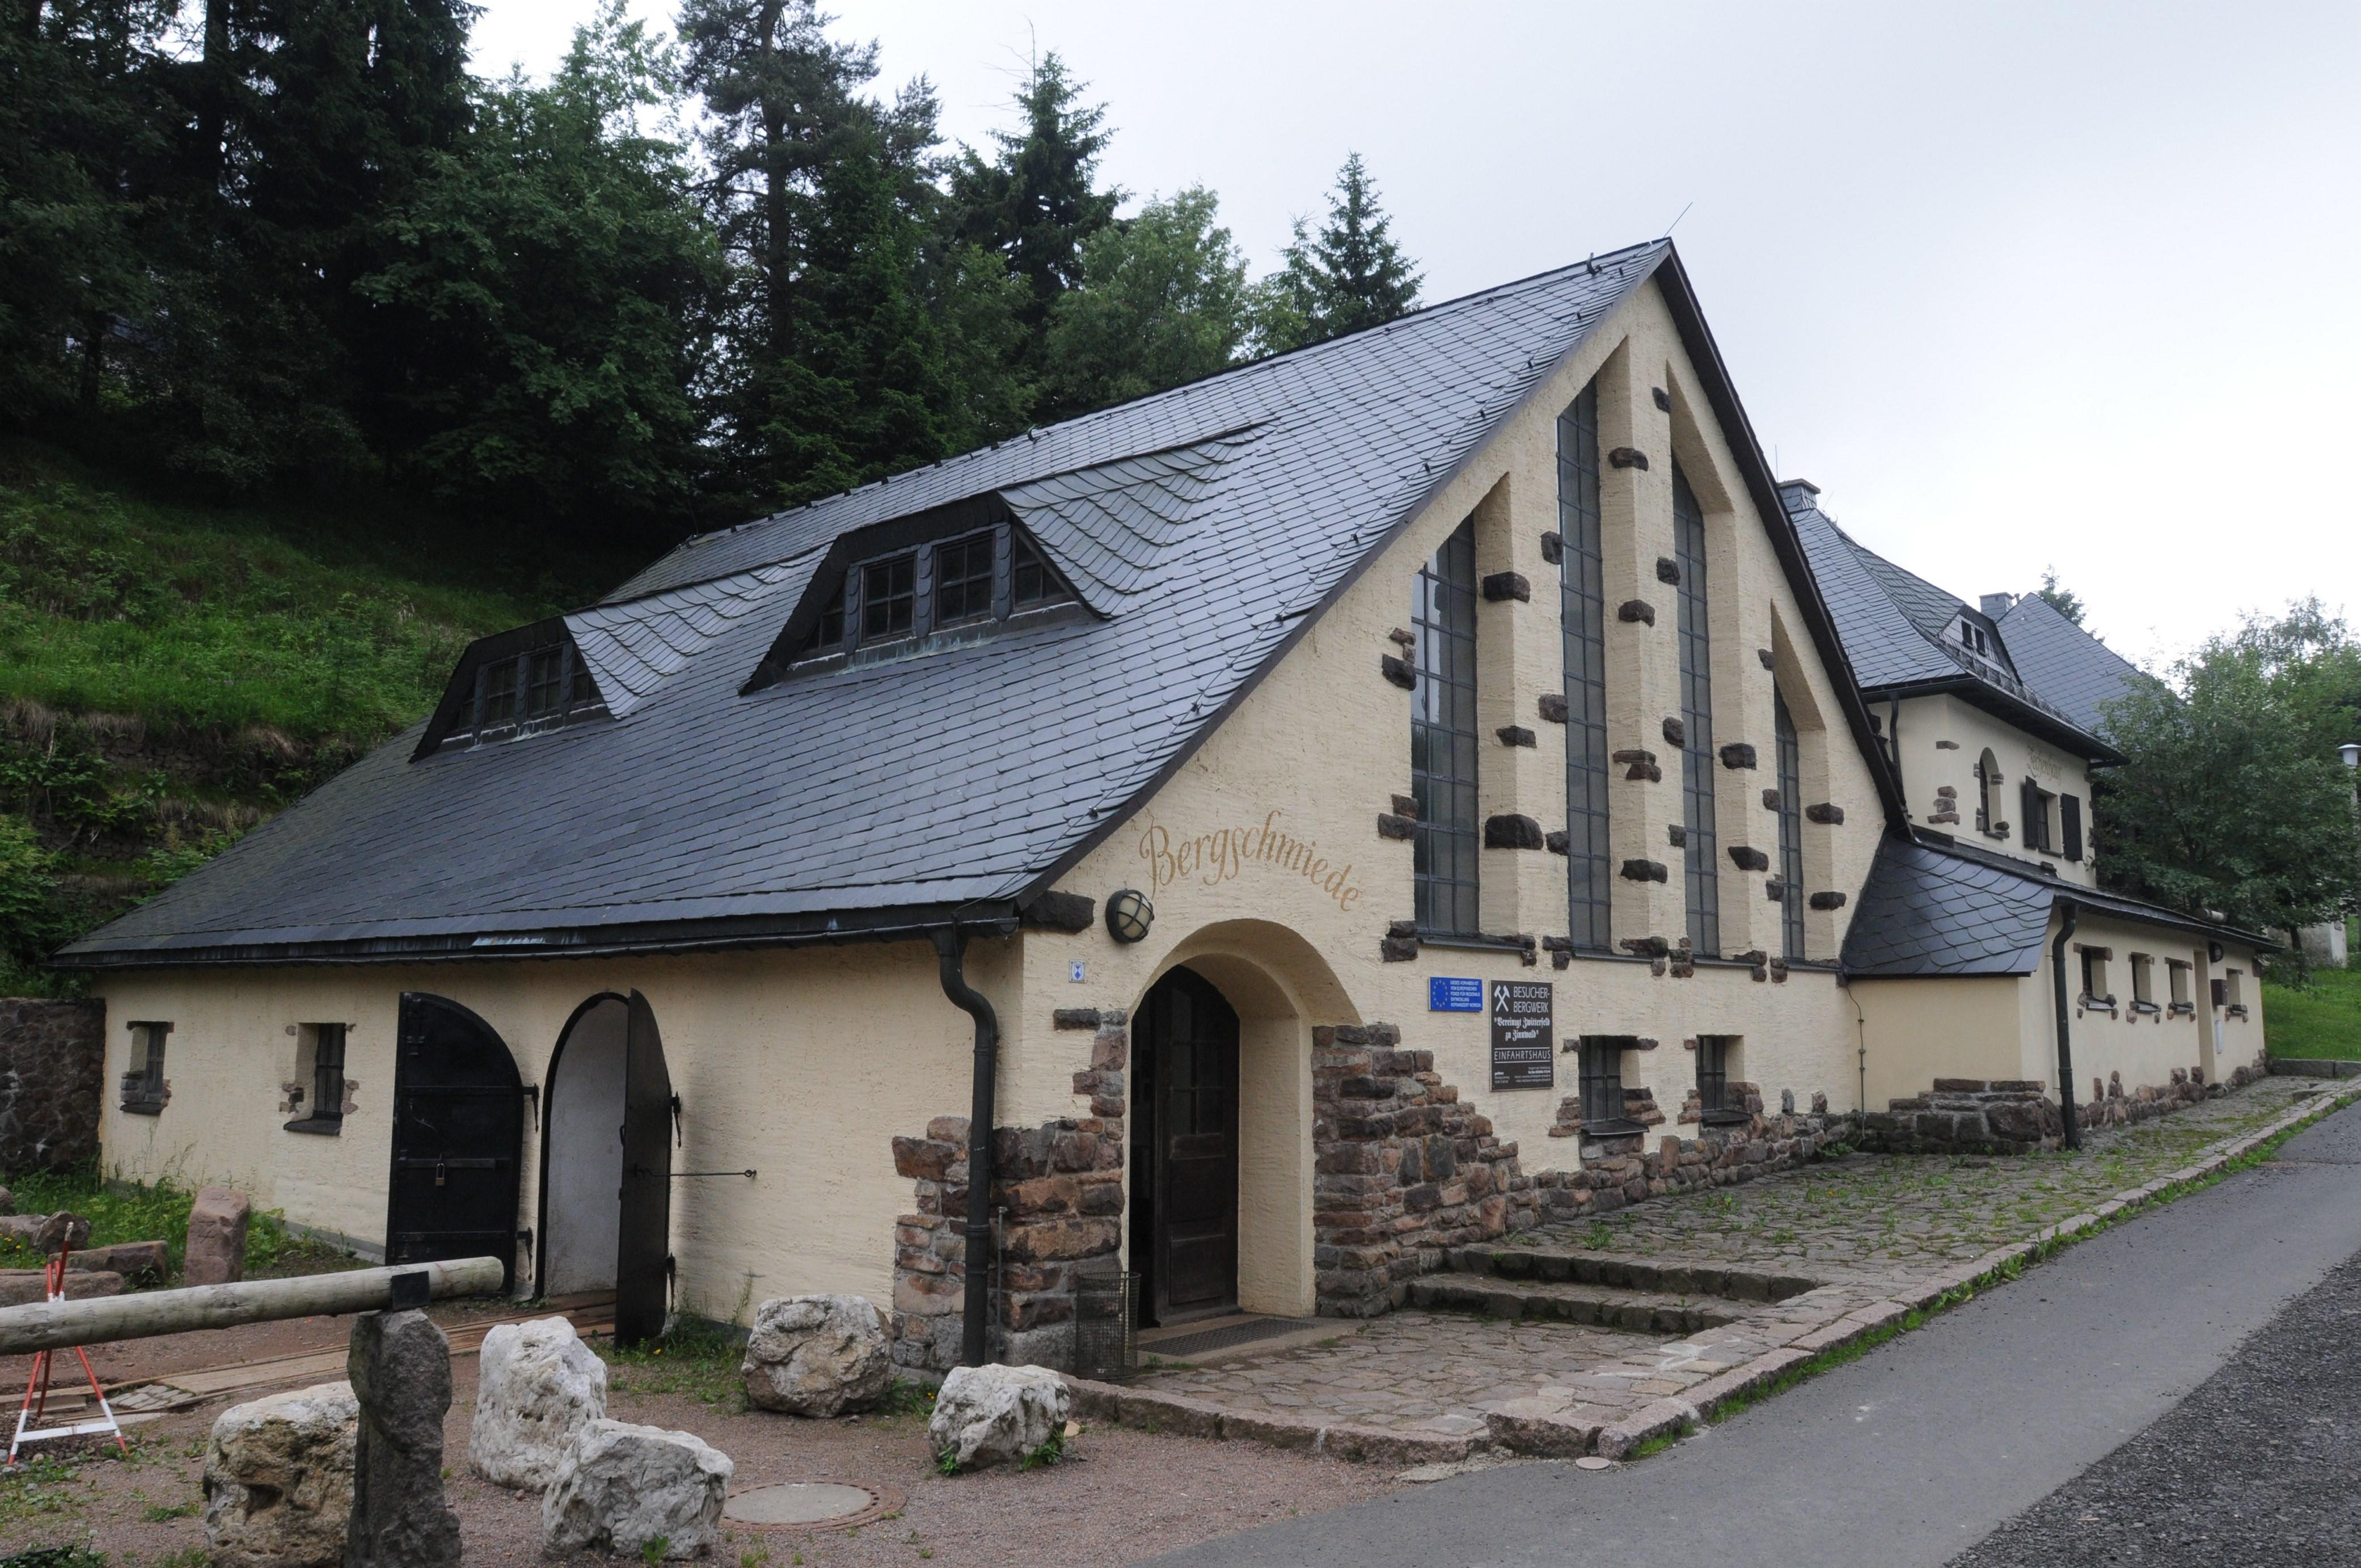 Bergschmiede Altenberg